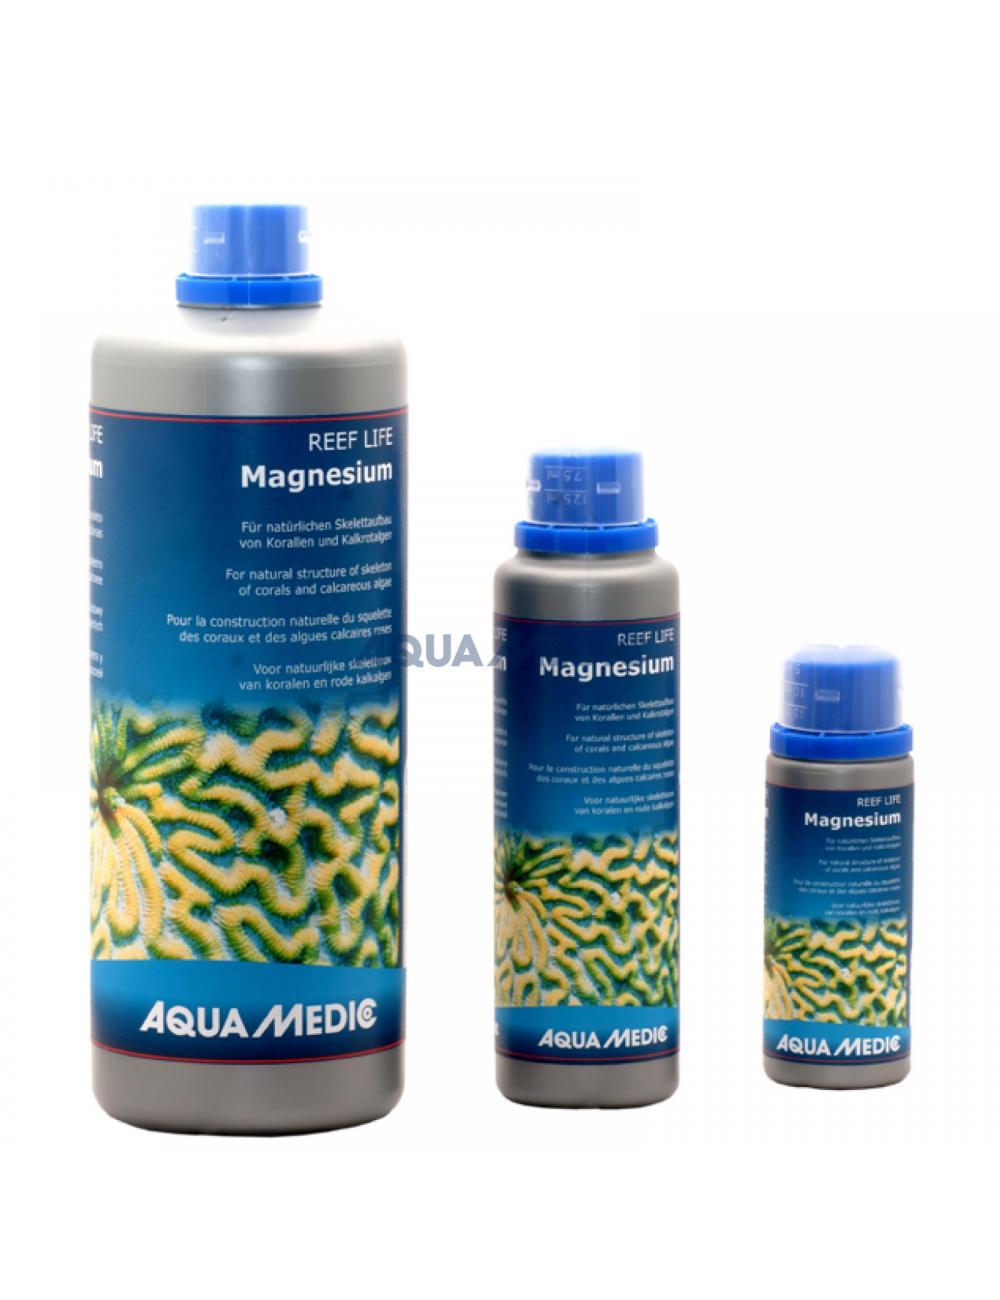 AQUA-MEDIC - REEF LIFE Magnéqsium - 250ml